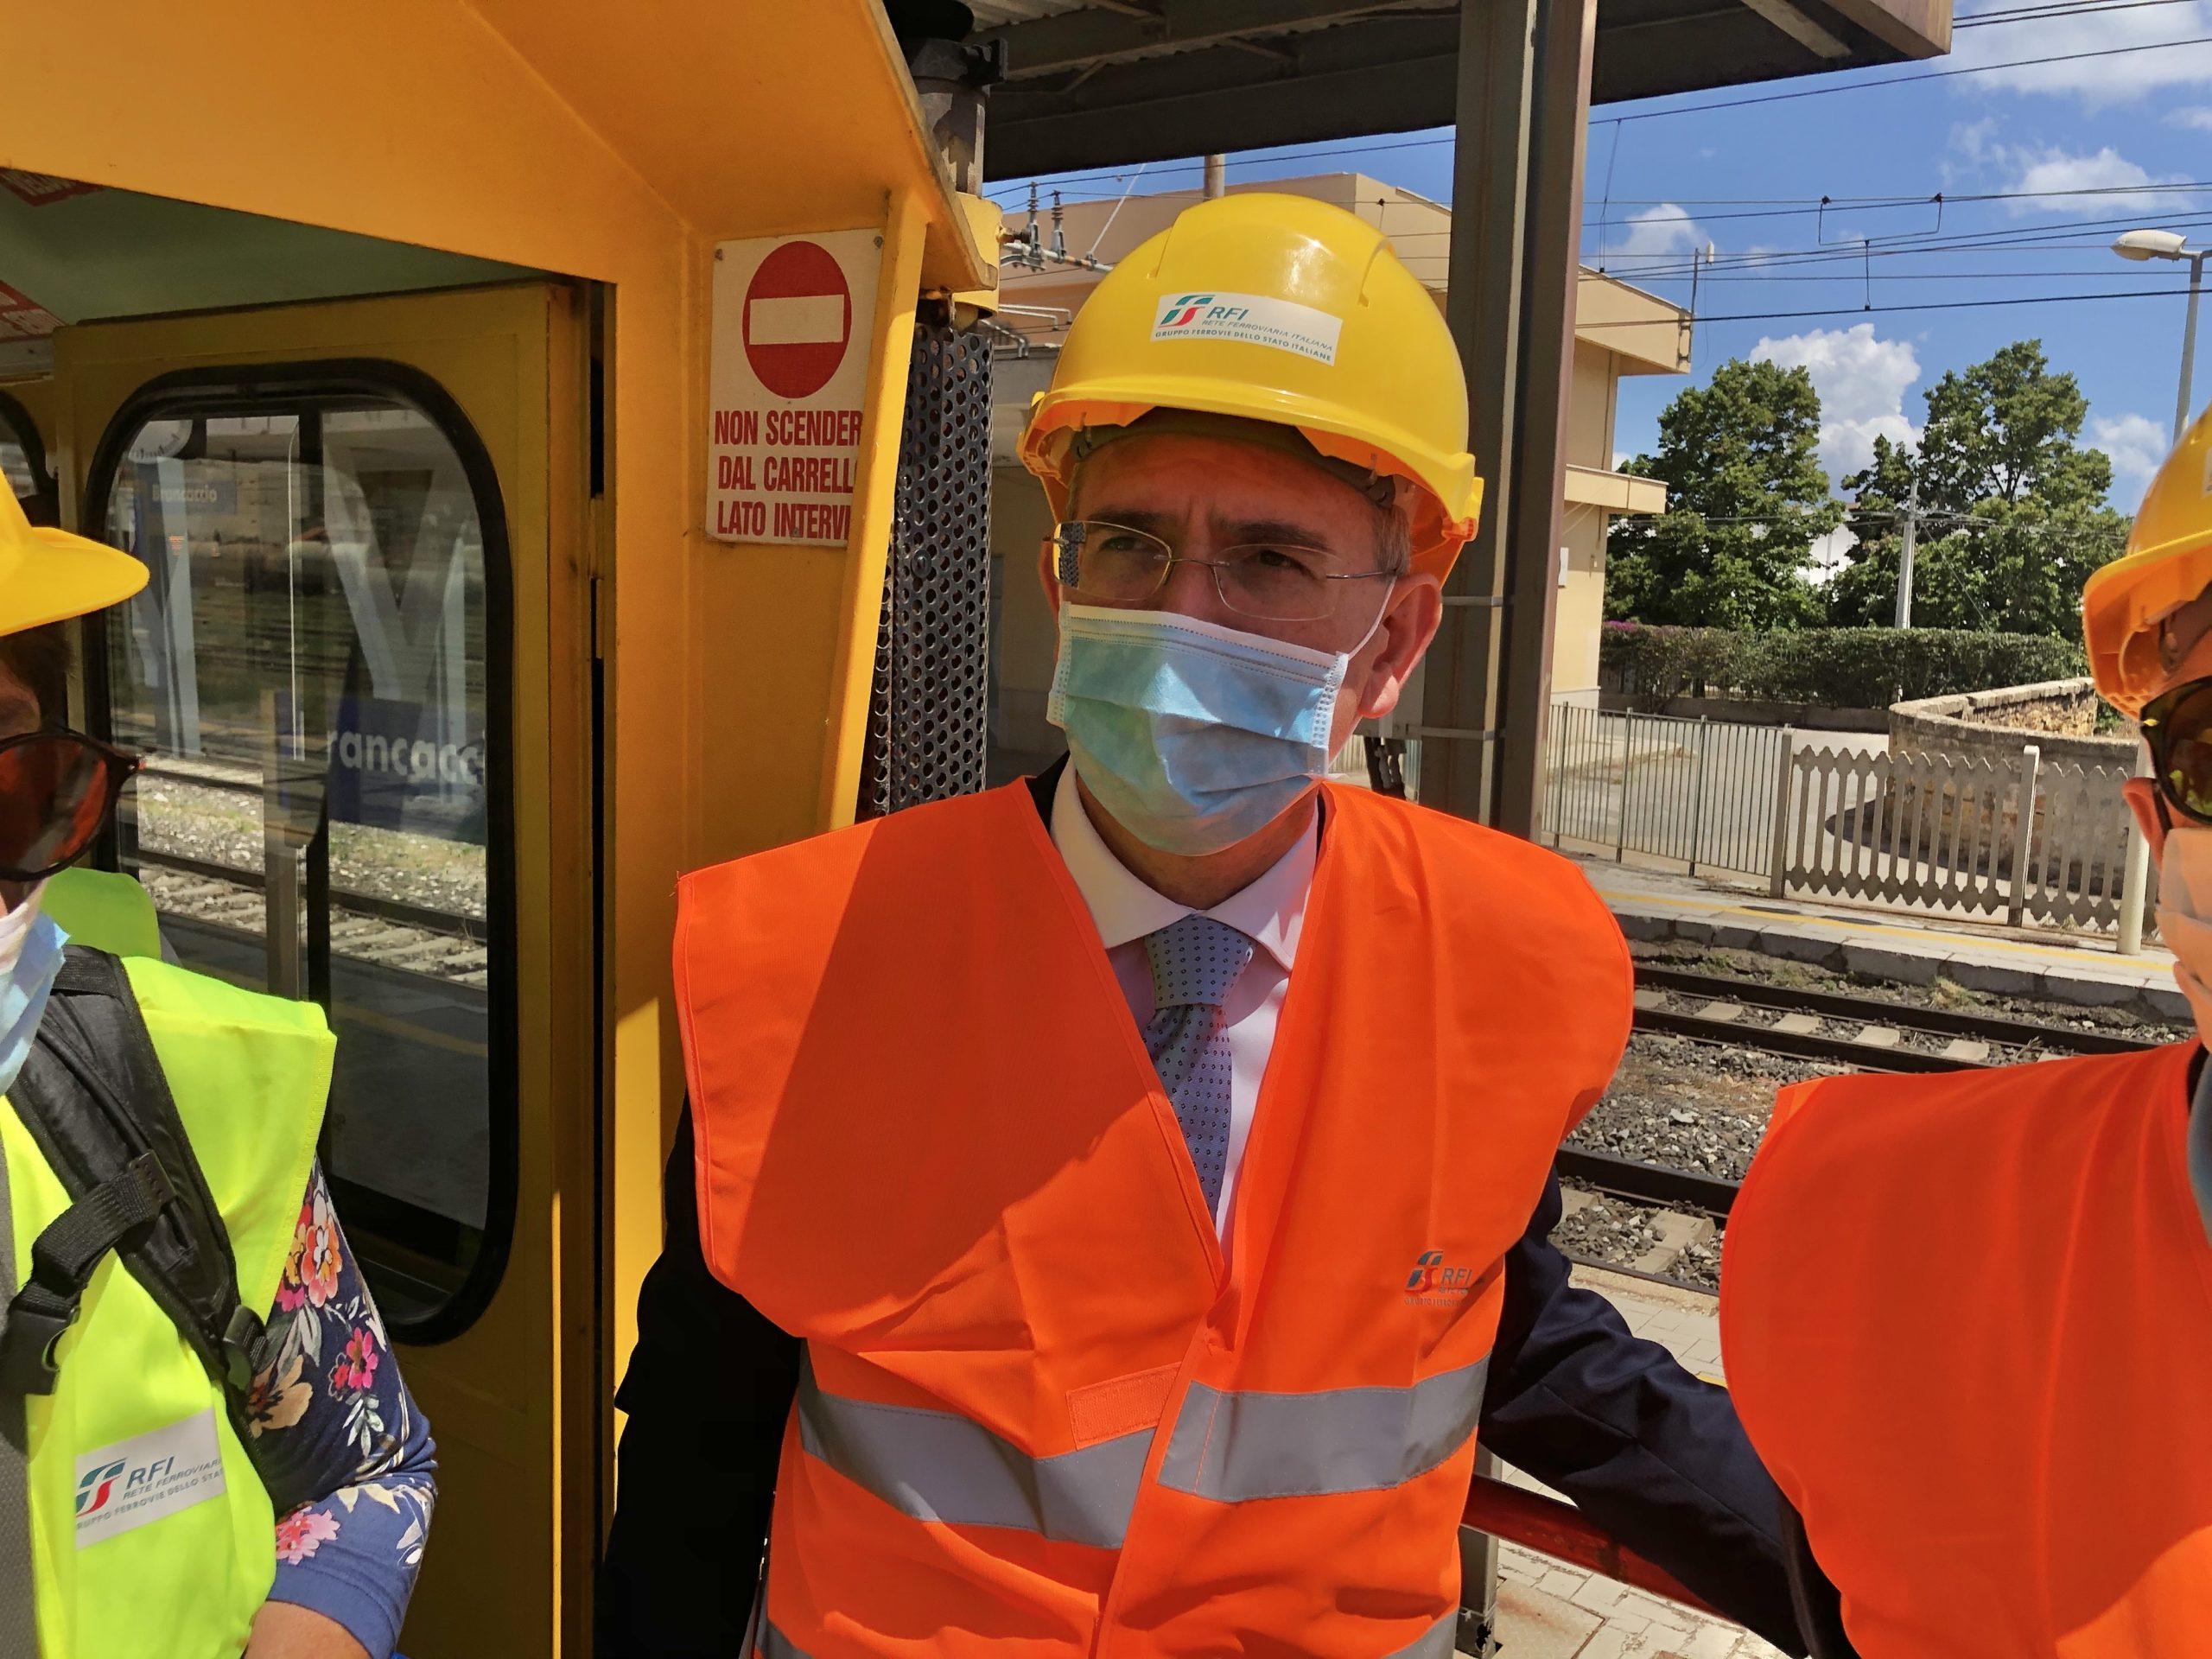 """Catania, sopralluogo dell'assessore Falcone alla Metro: """"Entro settembre la viabilità tornerà alla normalità"""""""